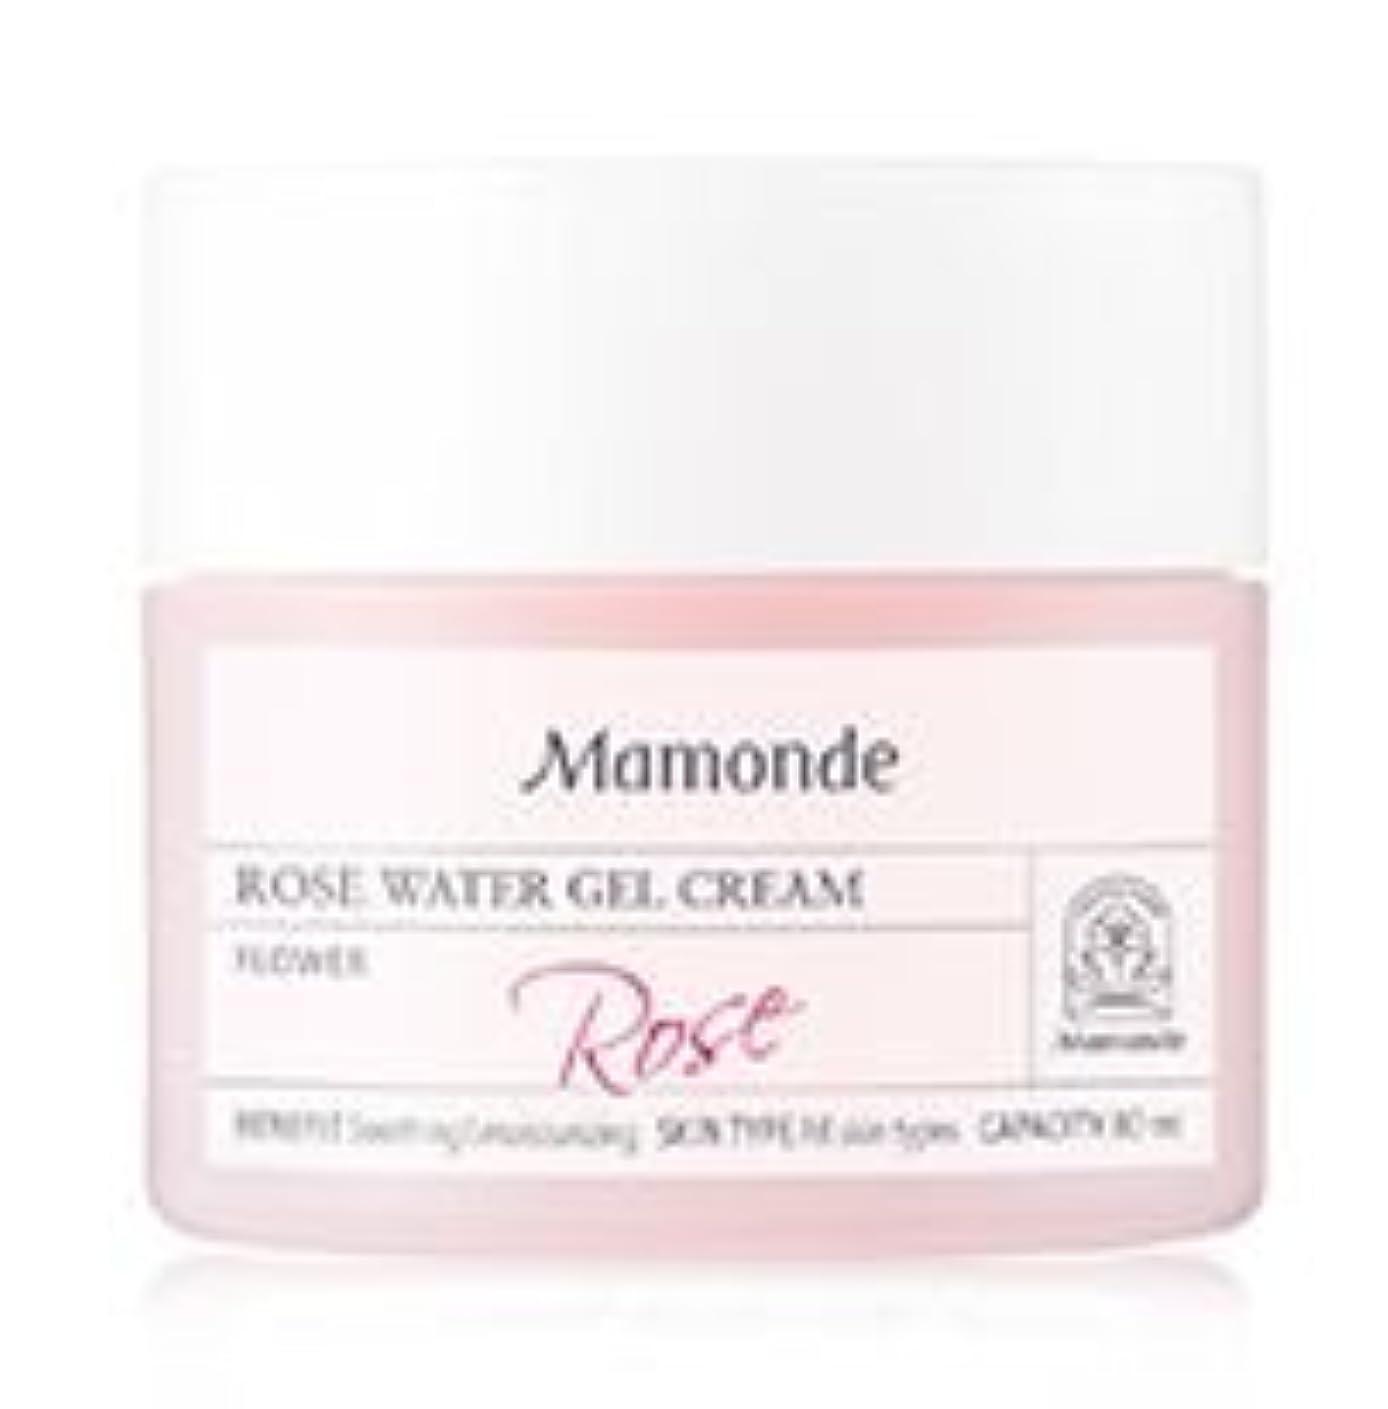 大気同化する竜巻[Mamonde] Rose Water Gel Cream 80ml /[マモンド]ローズウォータージェルクリーム80ml [並行輸入品]